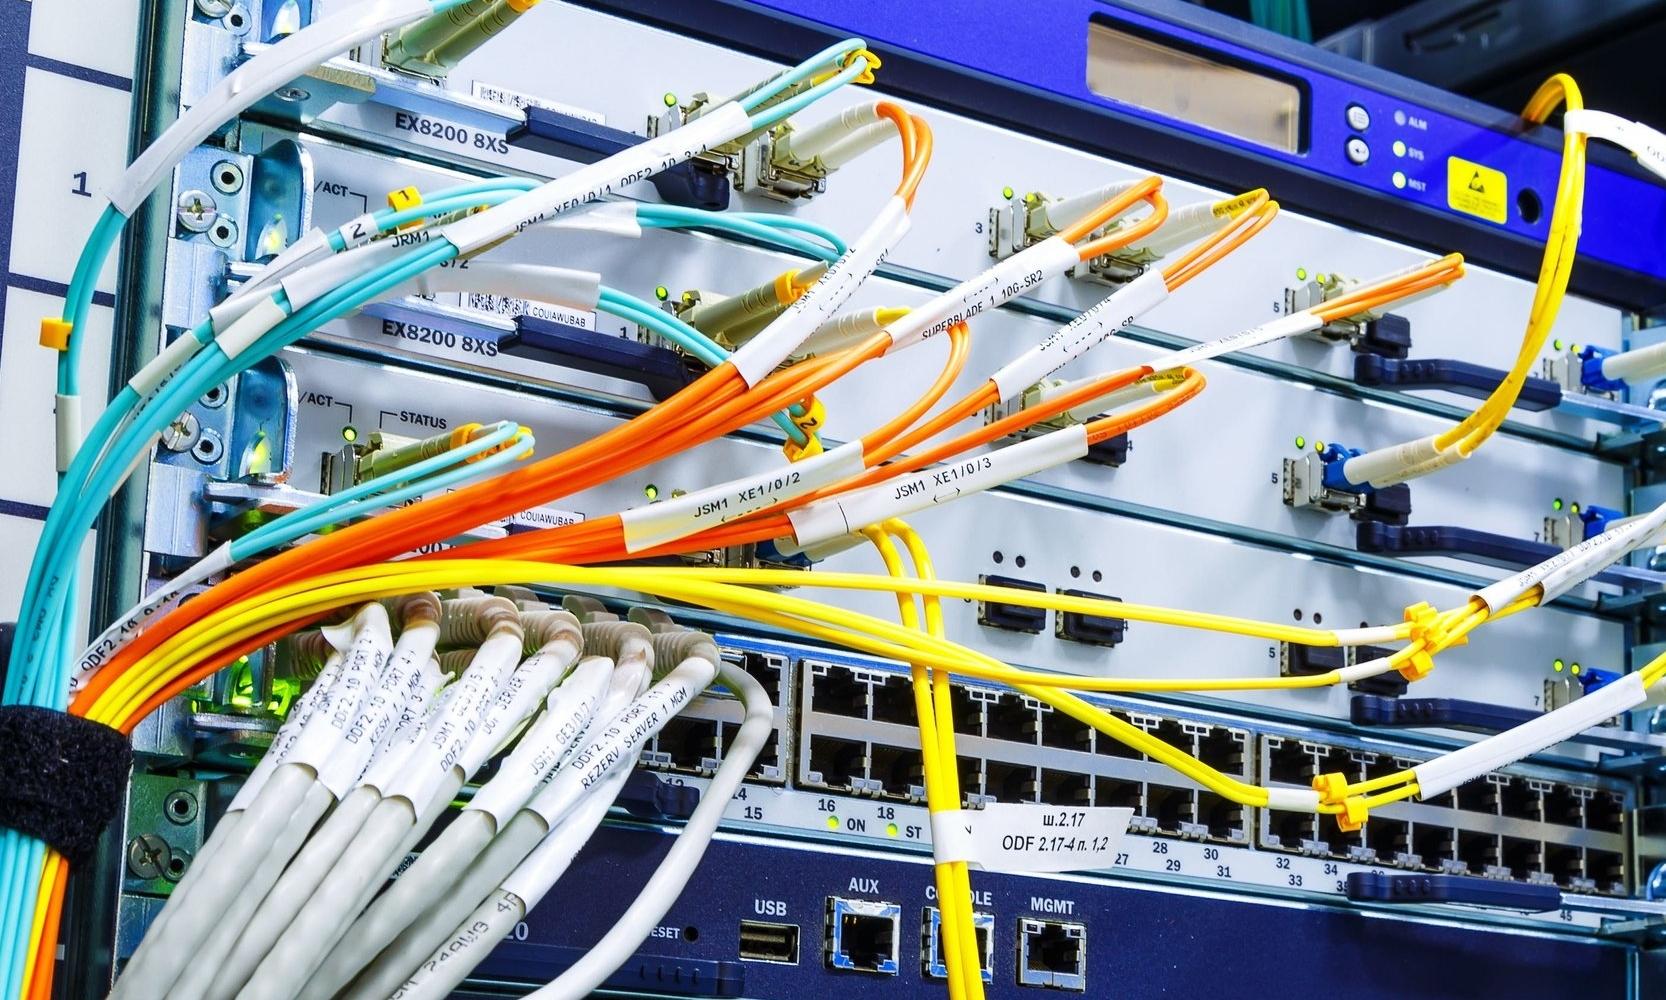 ….Unsere Vernetzungen sprechen eine klare Sprache: zuverlässig, hochverfügbar, echtzeitfähig..Our networks speak a clear language: reliable, highly available, real-time capable…. -